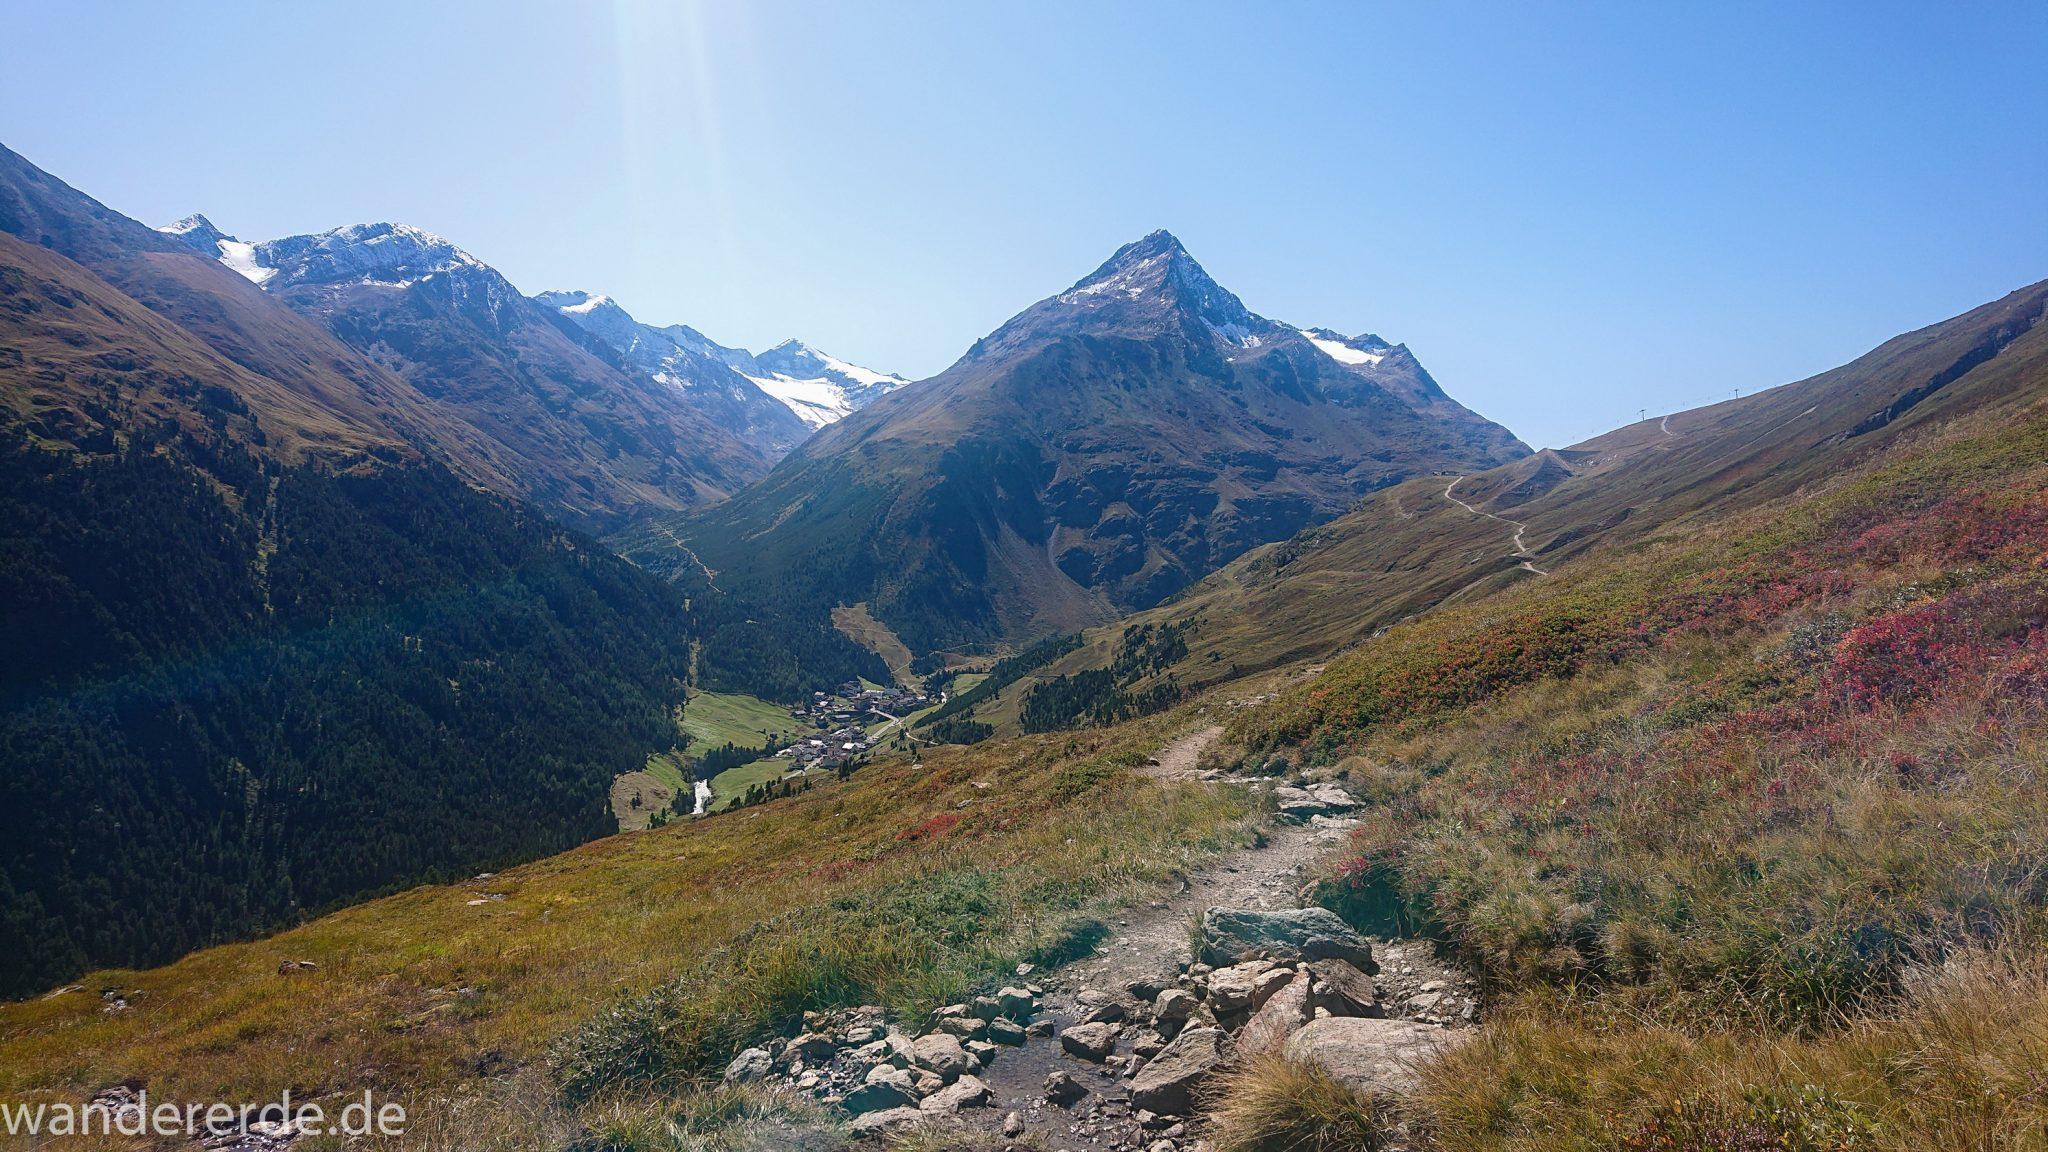 Alpenüberquerung Fernwanderweg E5 Oberstdorf Meran, 5. Etappe von Braunschweiger Hütte zur Martin-Busch-Hütte, Wanderung auf dem neuen Panoramaweg nach Vent dauert 4 Stunden, sehr abwechslungsreiche Wegführung auf schmalem, schönem Wanderweg, Zeit vergeht schnell, immer nur kurze Abschnitte ansteigend bergauf, dann wieder bergab, zauberhafte Ausblicke auf die umliegenden Berge und ins Tal, herrliches Wetter zum Wandern bei strahlendem Sonnenschein, Blick auf Wanderweg am Berghang entlang, Ort Vent ist bereits sichtbar